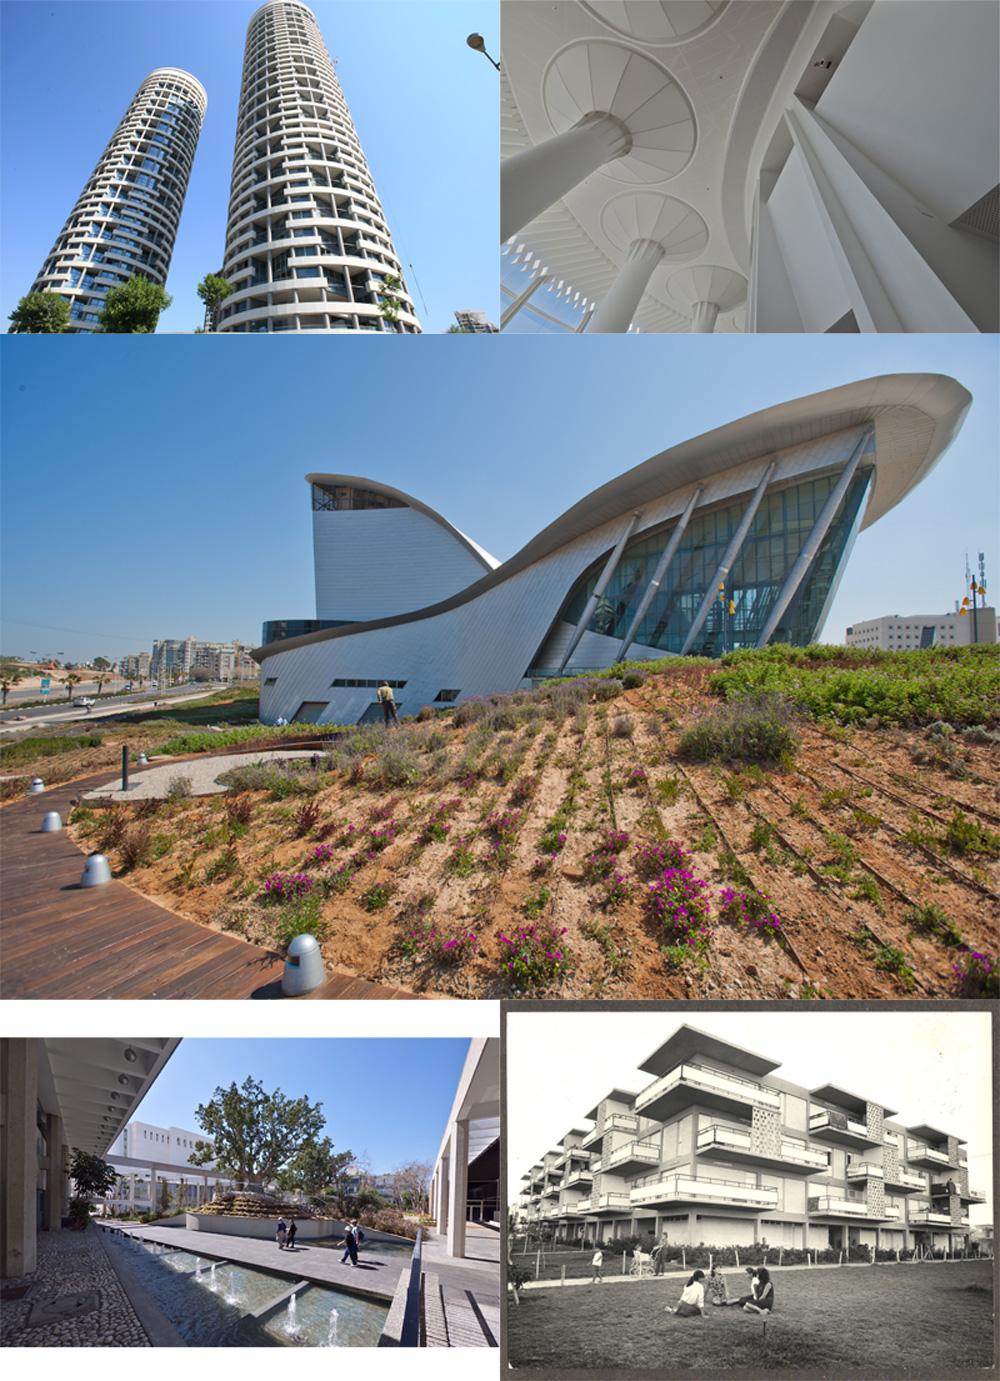 החלום: לתכנן בתים, בניינים, מבנים, ערים או נוף עירוני בארץ ובעולם. המציאות לא פשוטה בכלל